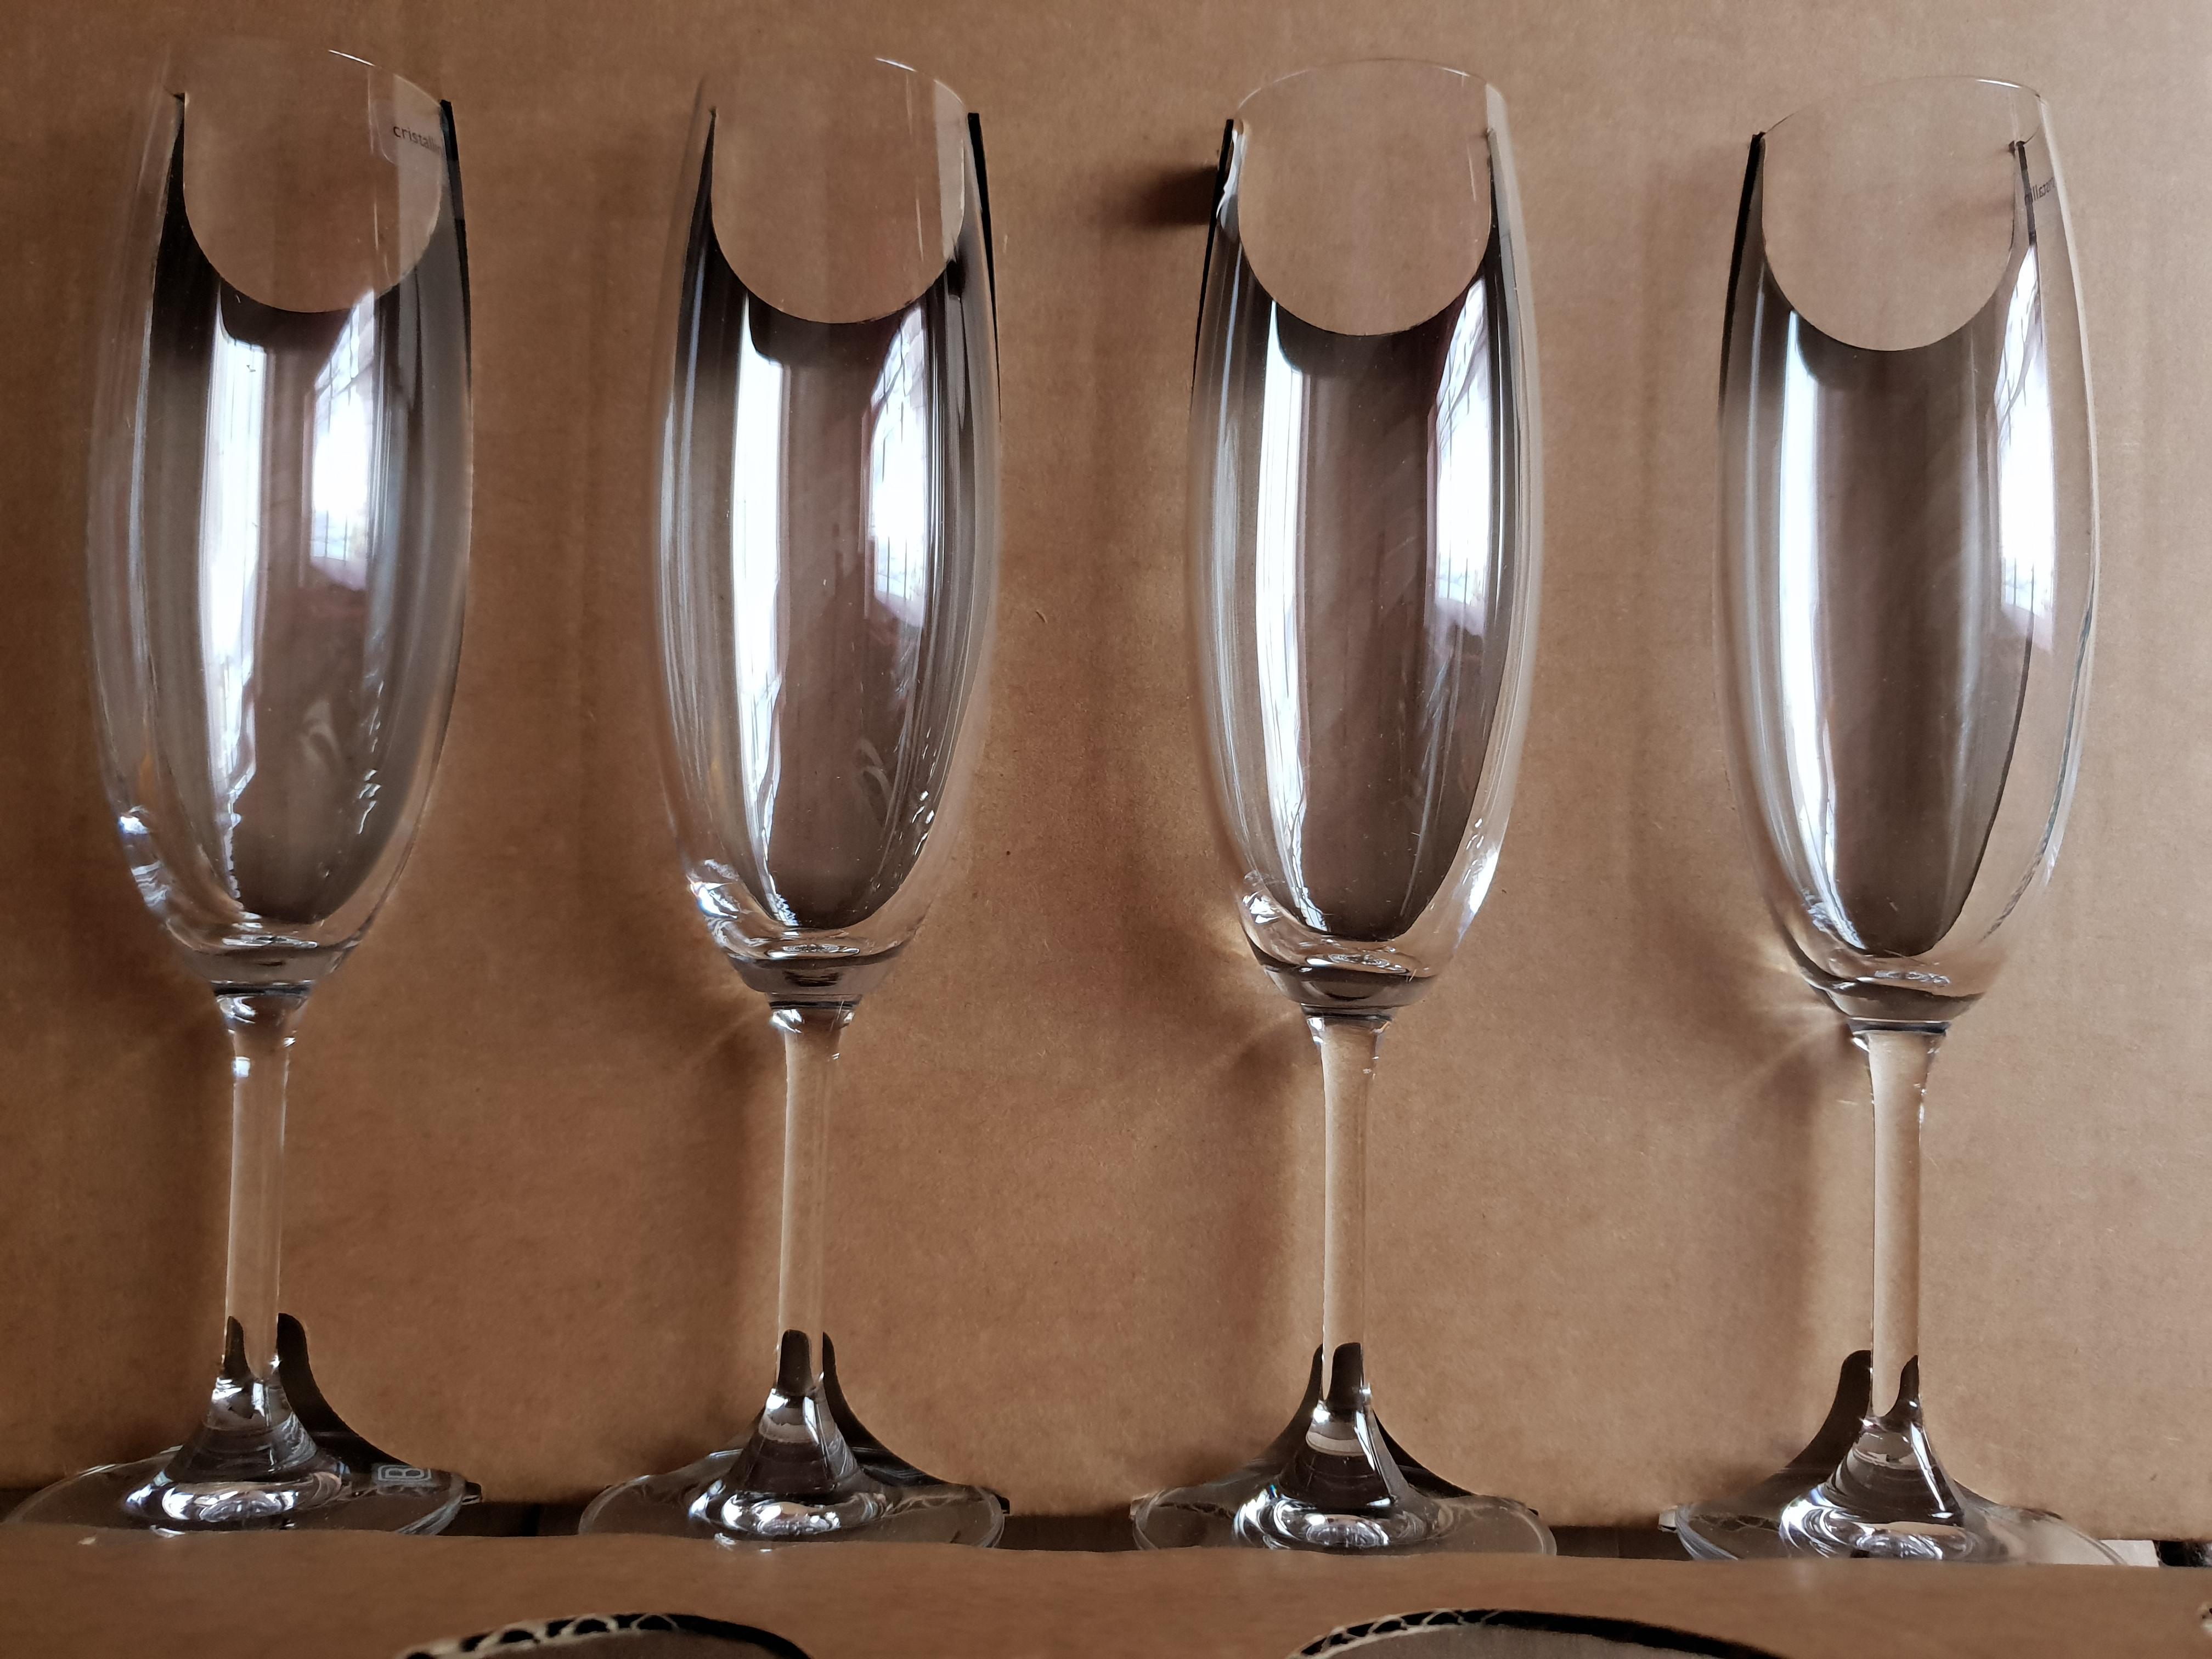 troc de troc **réservé** 4 flutes à champagne neuves image 0